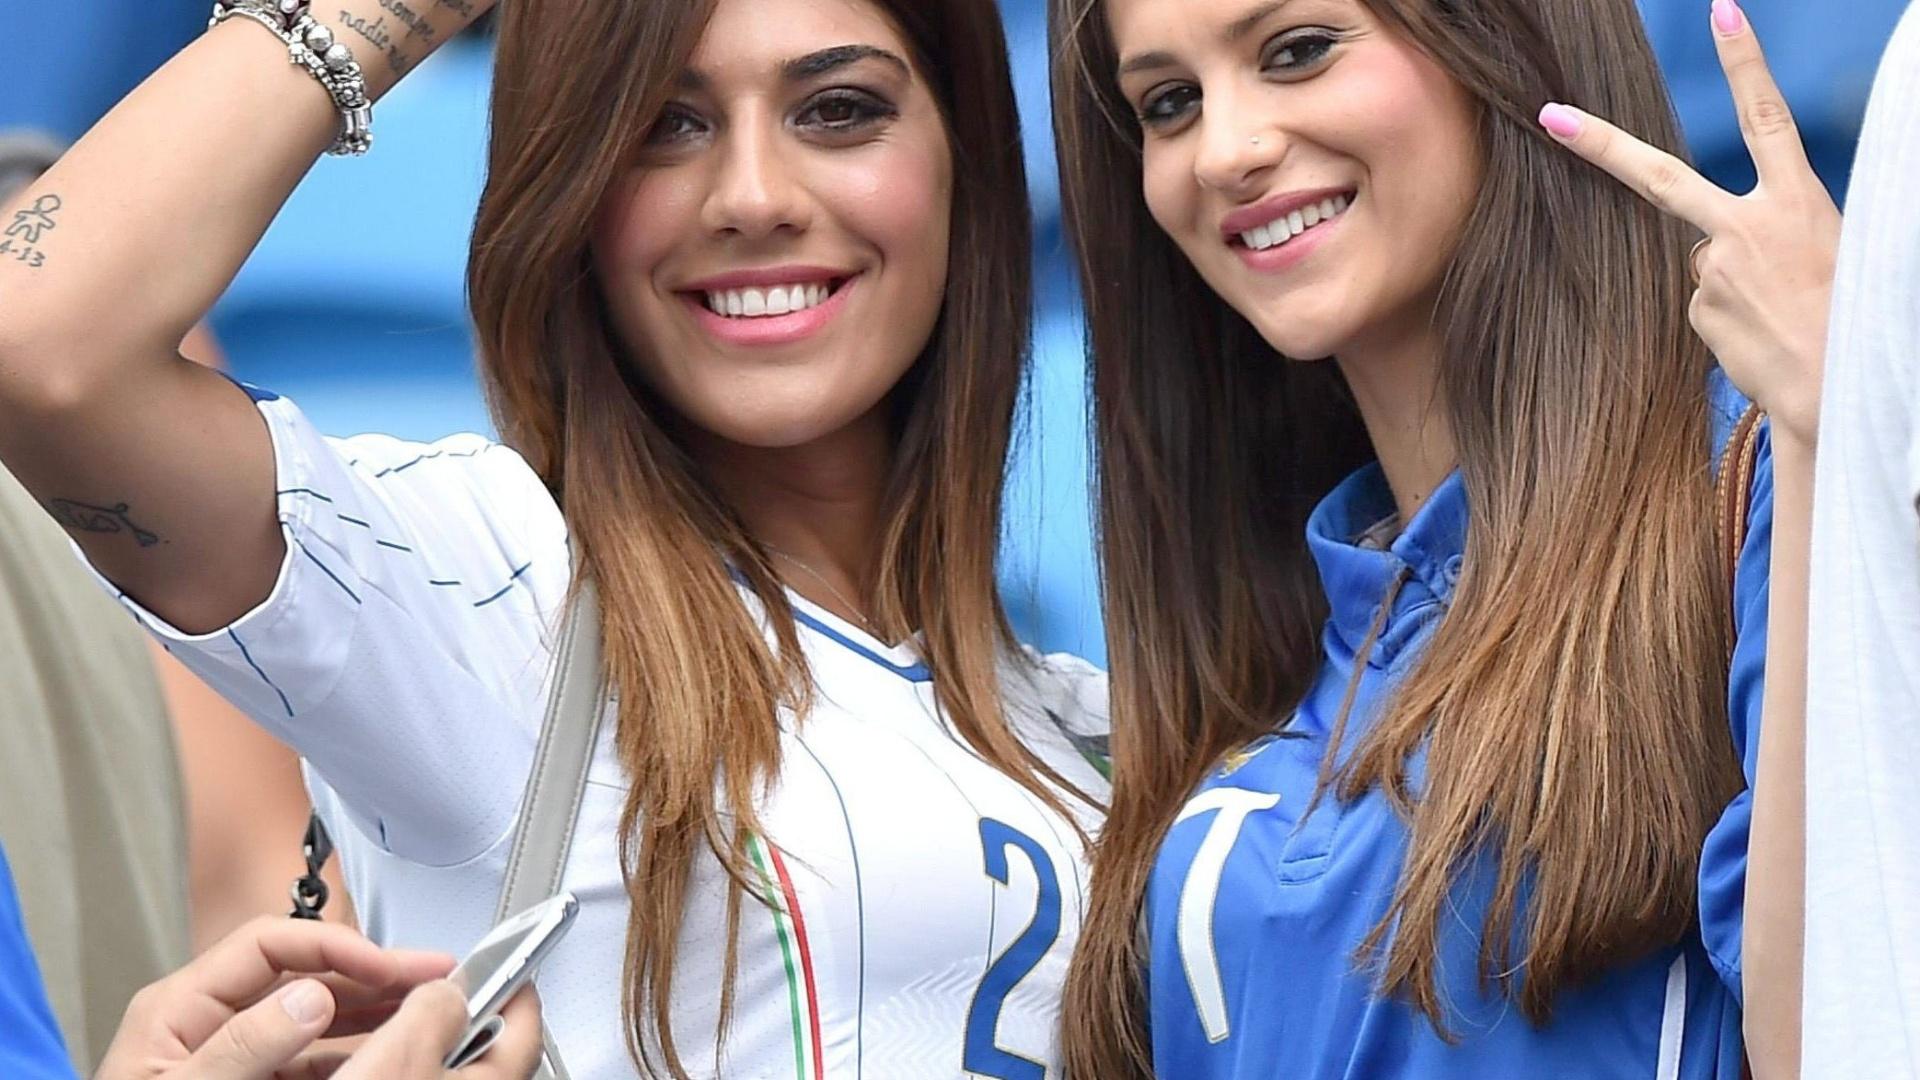 Genoveffa Darone e Jessica Immobile, esposas de Lorenzo Insigne e Ciro Immobile, assistem ao jogo contra o Uruguai na Arena das Dunas, em Natal